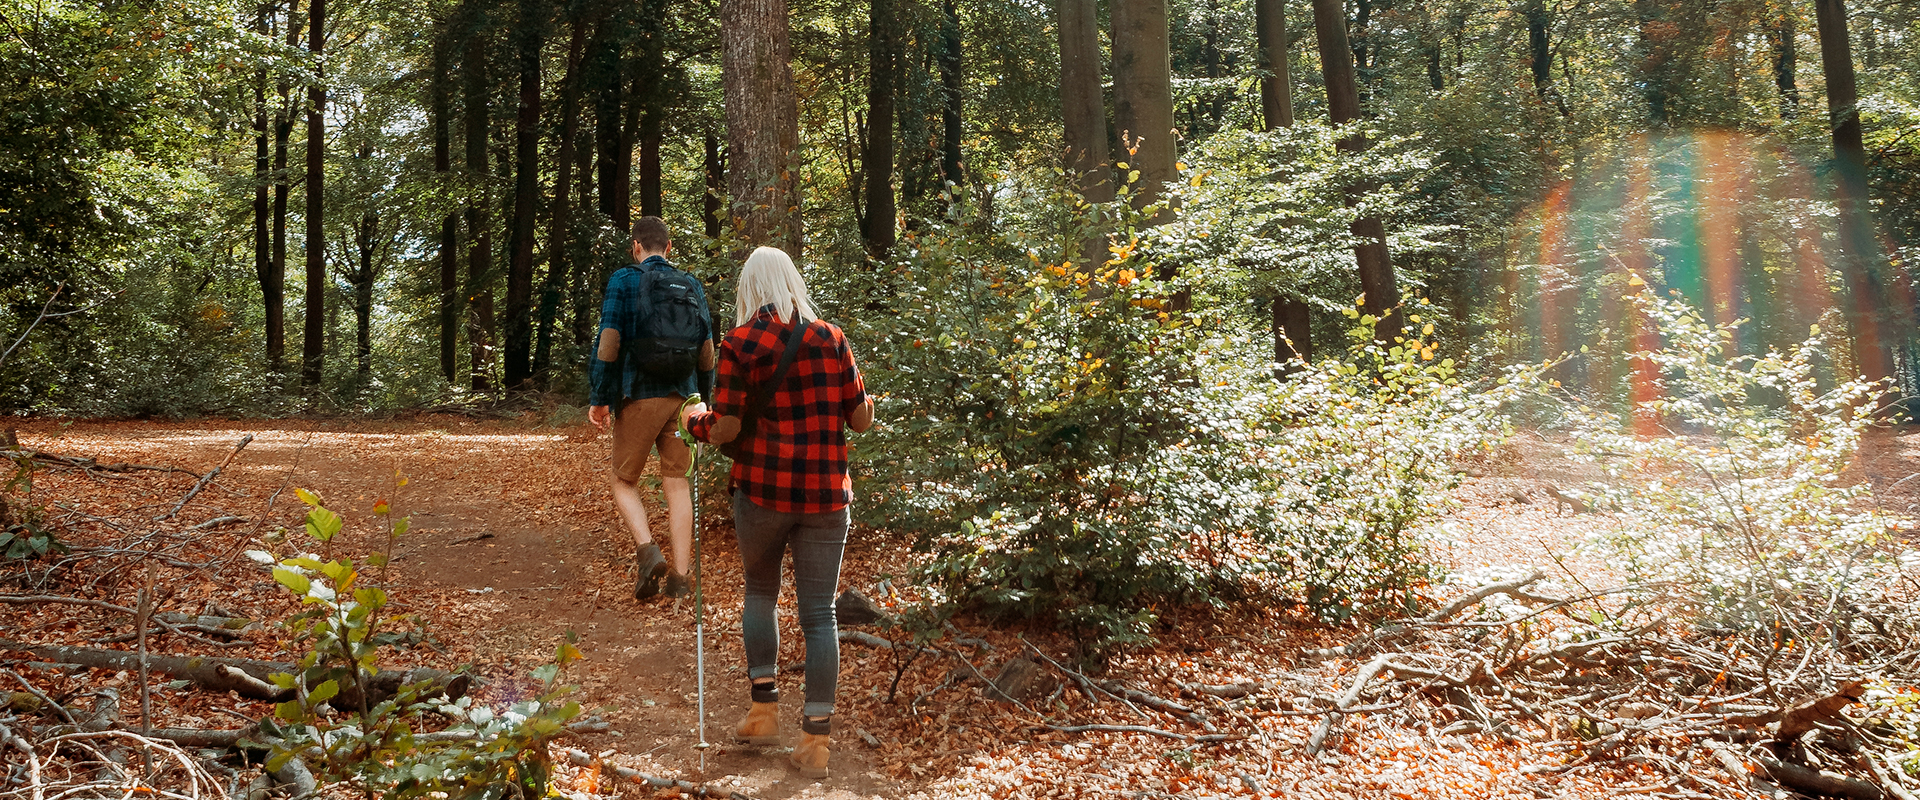 Randonnée dans les bois